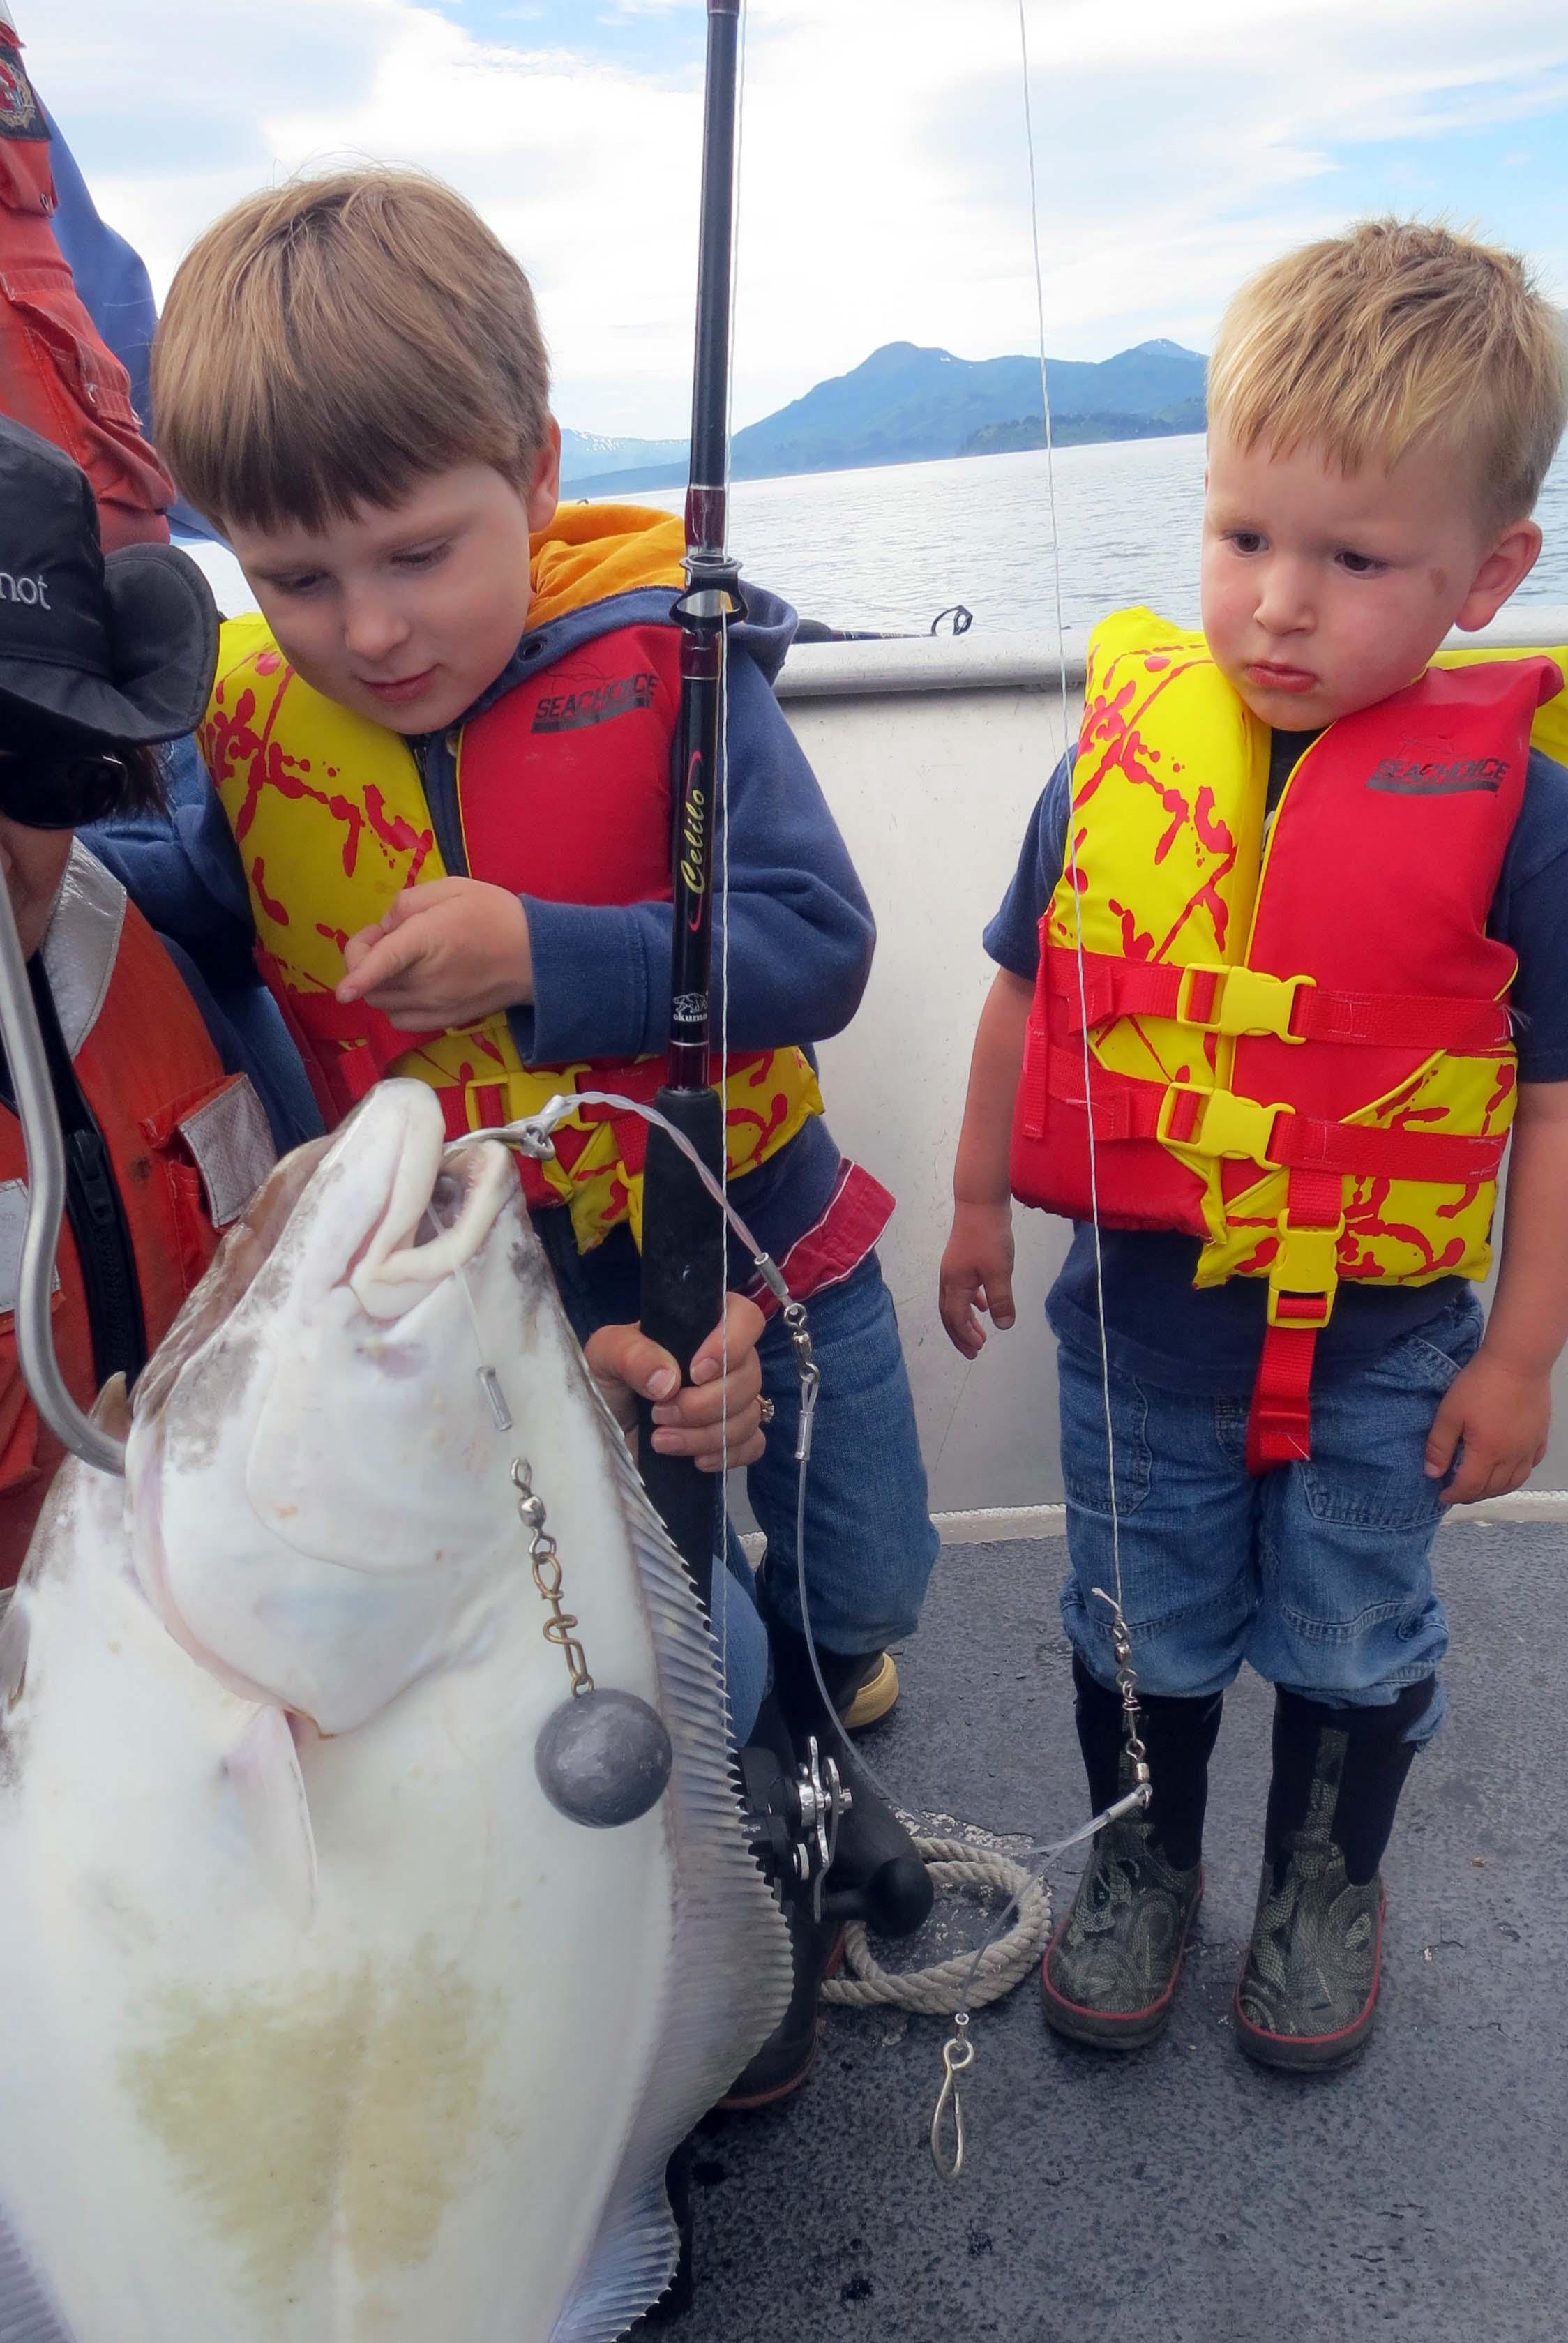 Fishing for halibut in Chiniak Bay, Alaska.